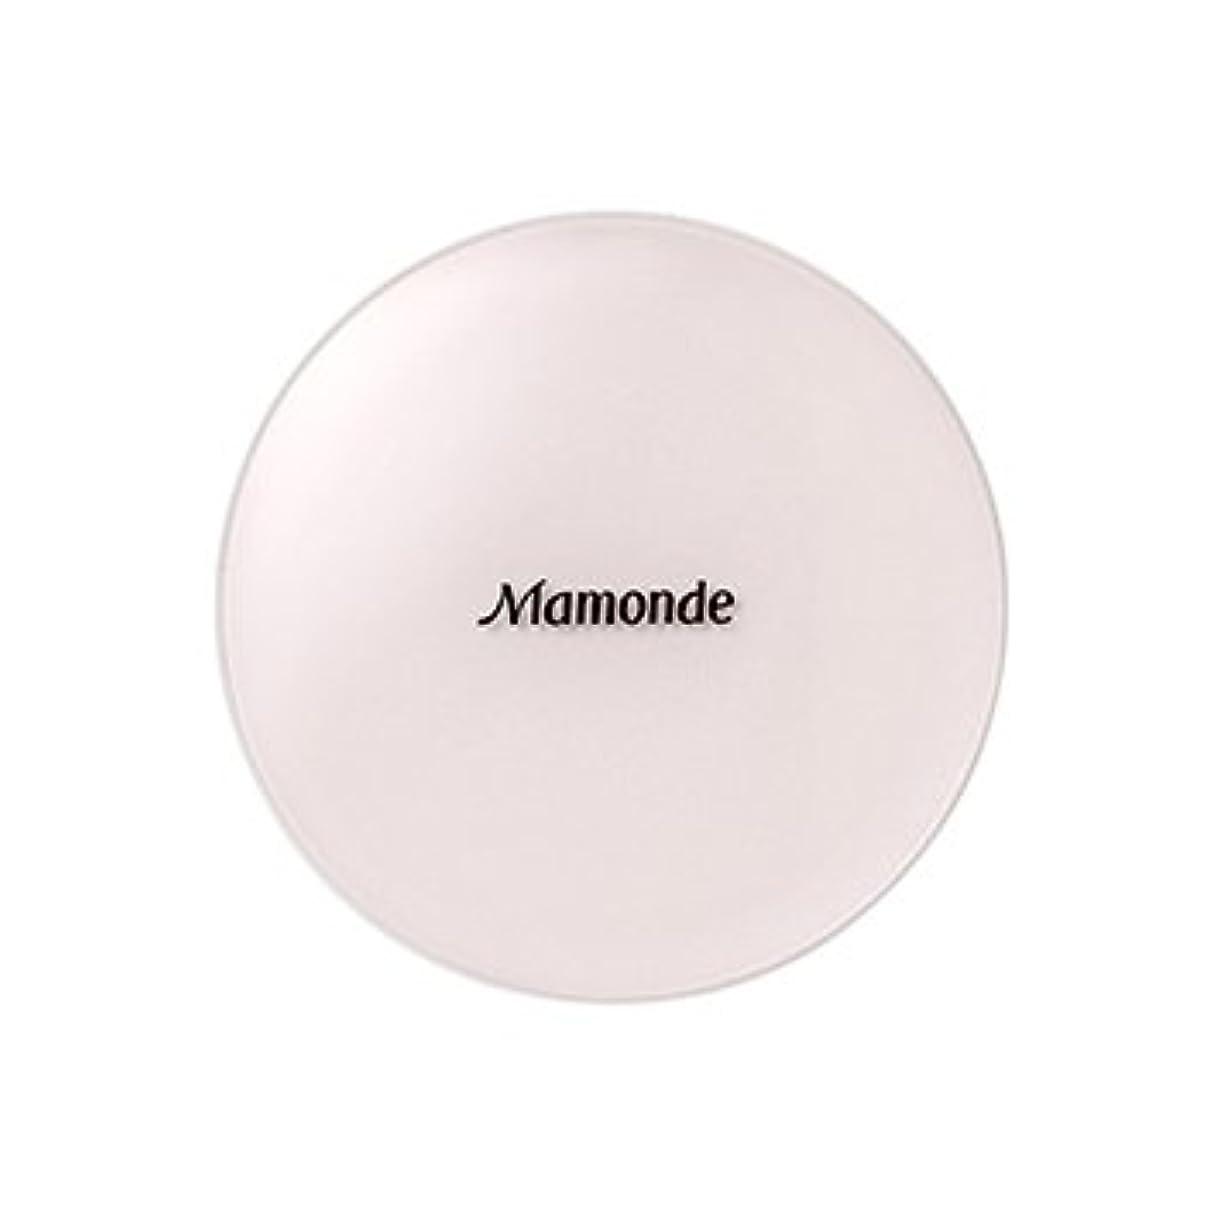 侵入する心配する誇張[New] Mamonde Brightening Cover Ampoule Cushion 15g/マモンド ブライトニング カバー アンプル クッション 15g (#21C Medium Peach) [並行輸入品]